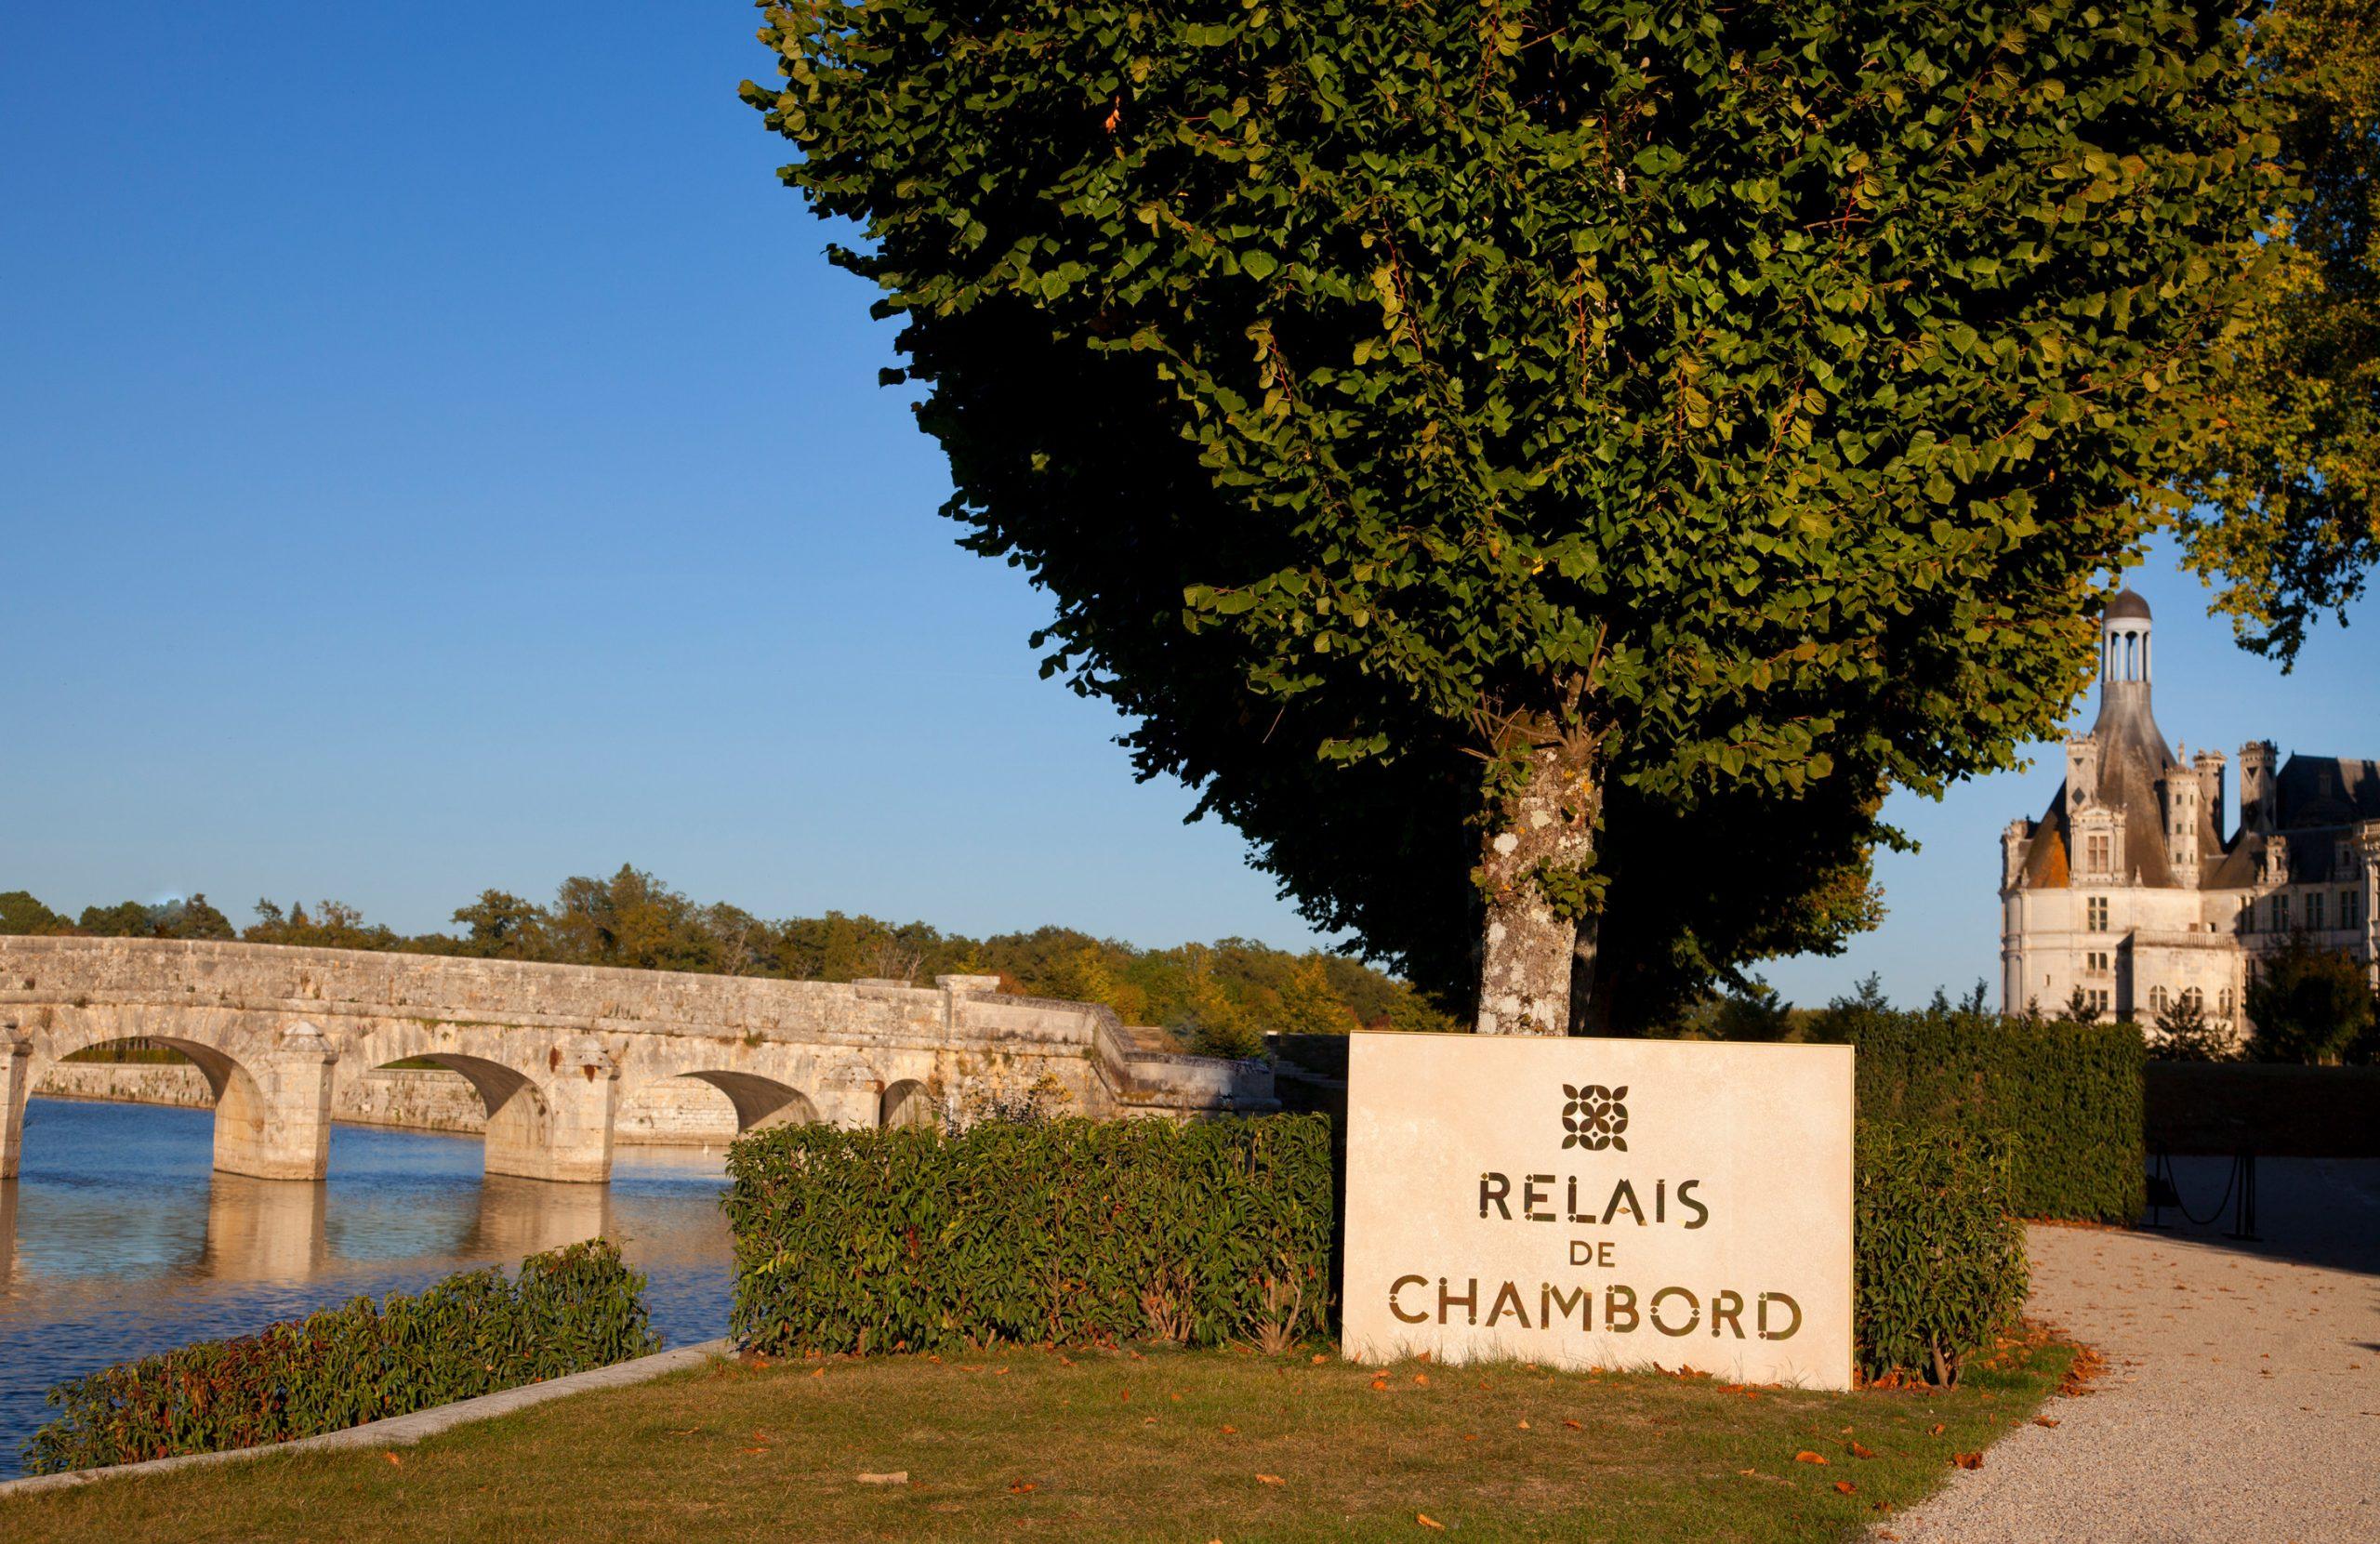 La Toue du Relais, in front of the Château de Chambord.